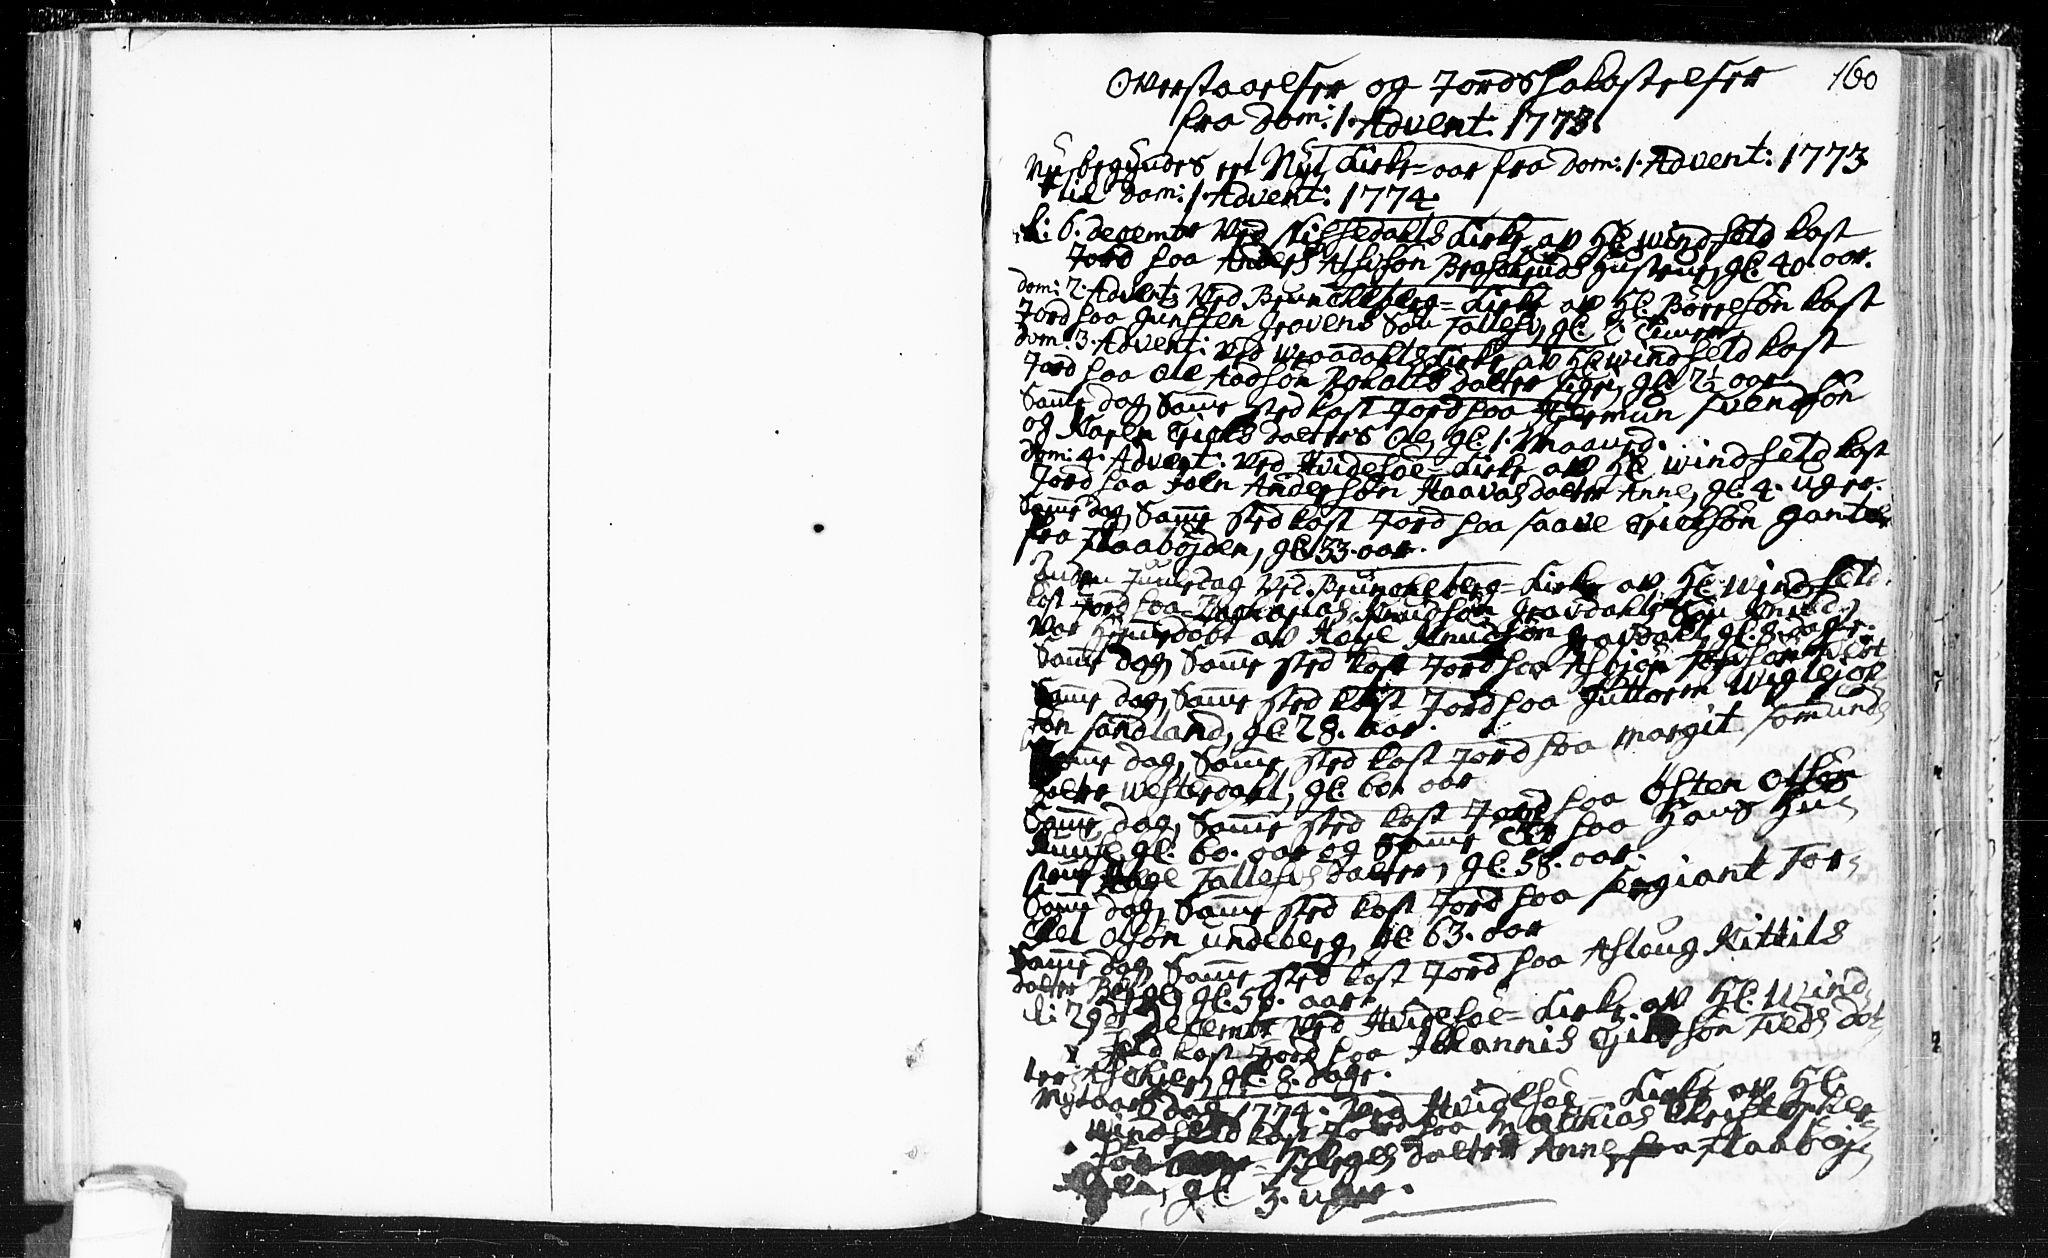 SAKO, Kviteseid kirkebøker, F/Fa/L0002: Ministerialbok nr. I 2, 1773-1786, s. 160